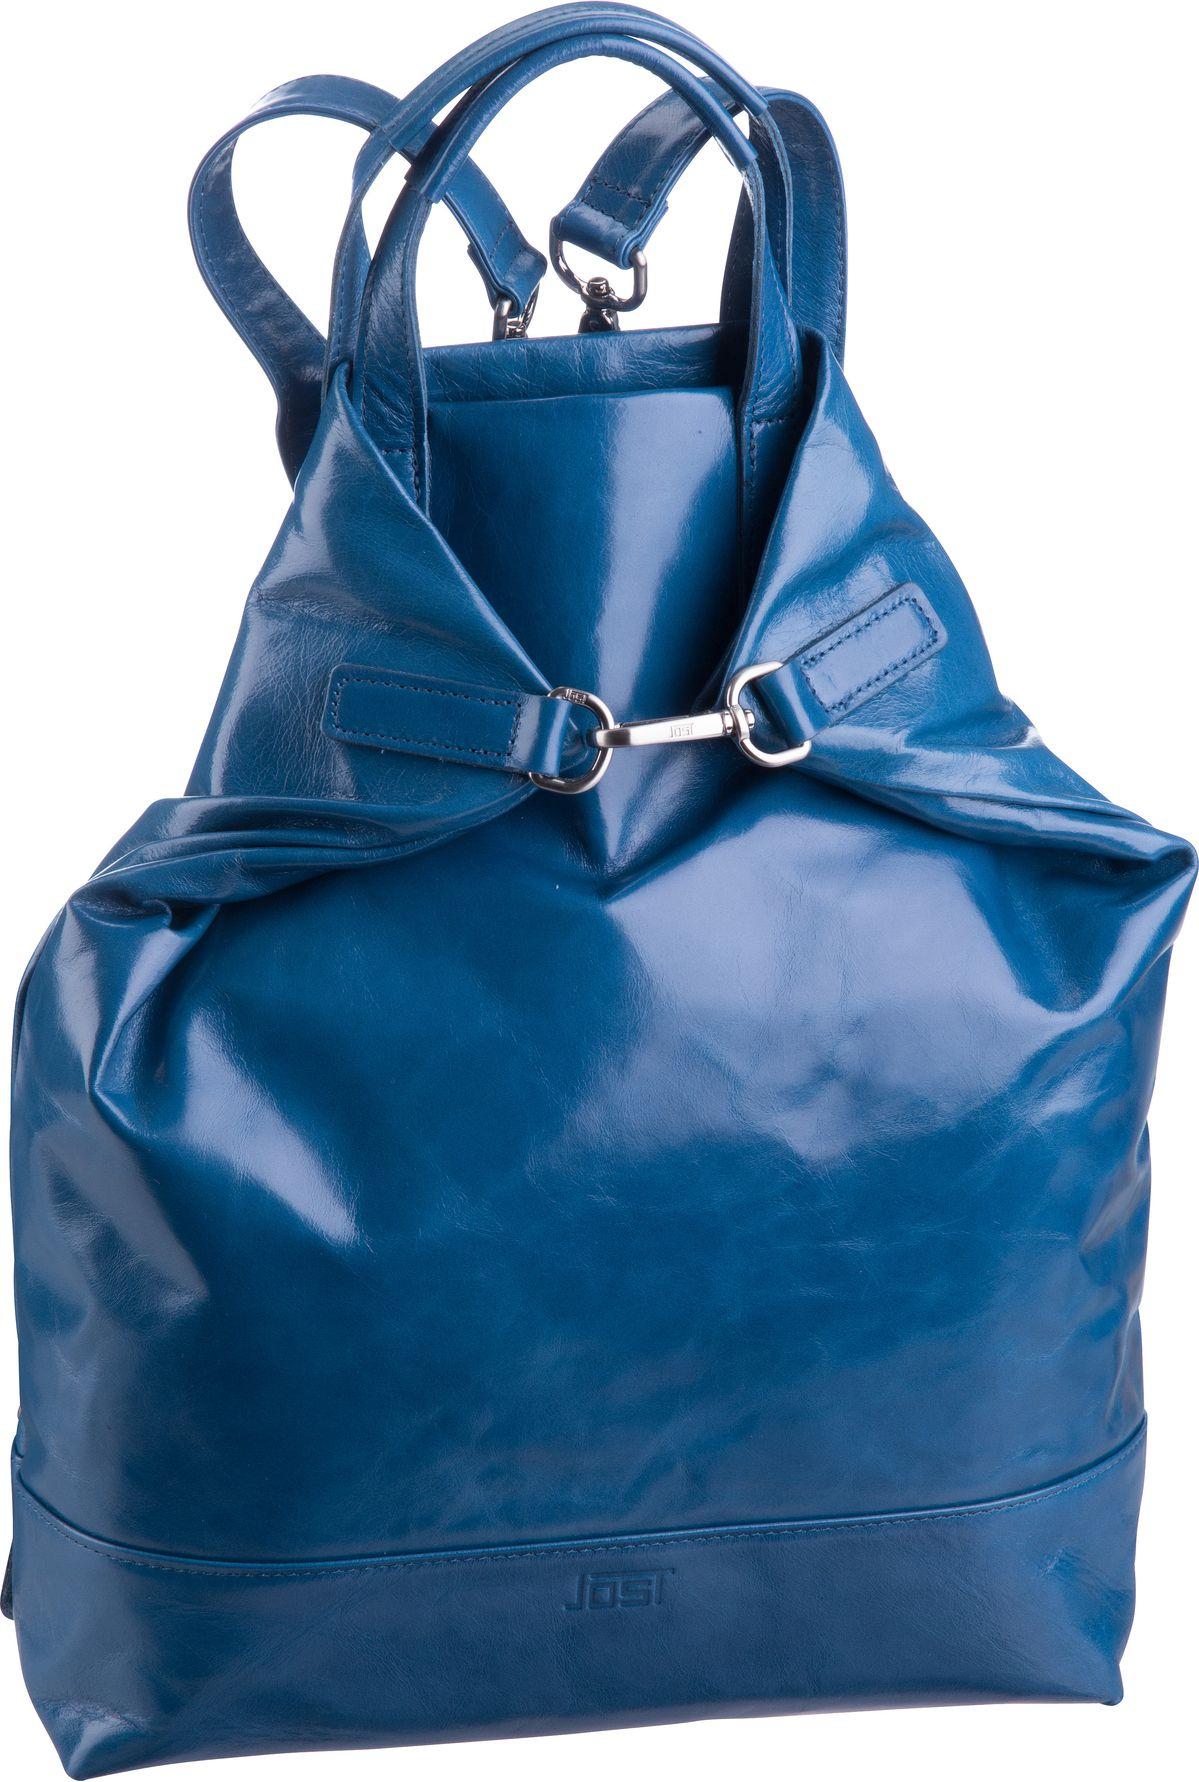 Rucksack / Daypack Boda 6625 X-Change Bag S Royalblue